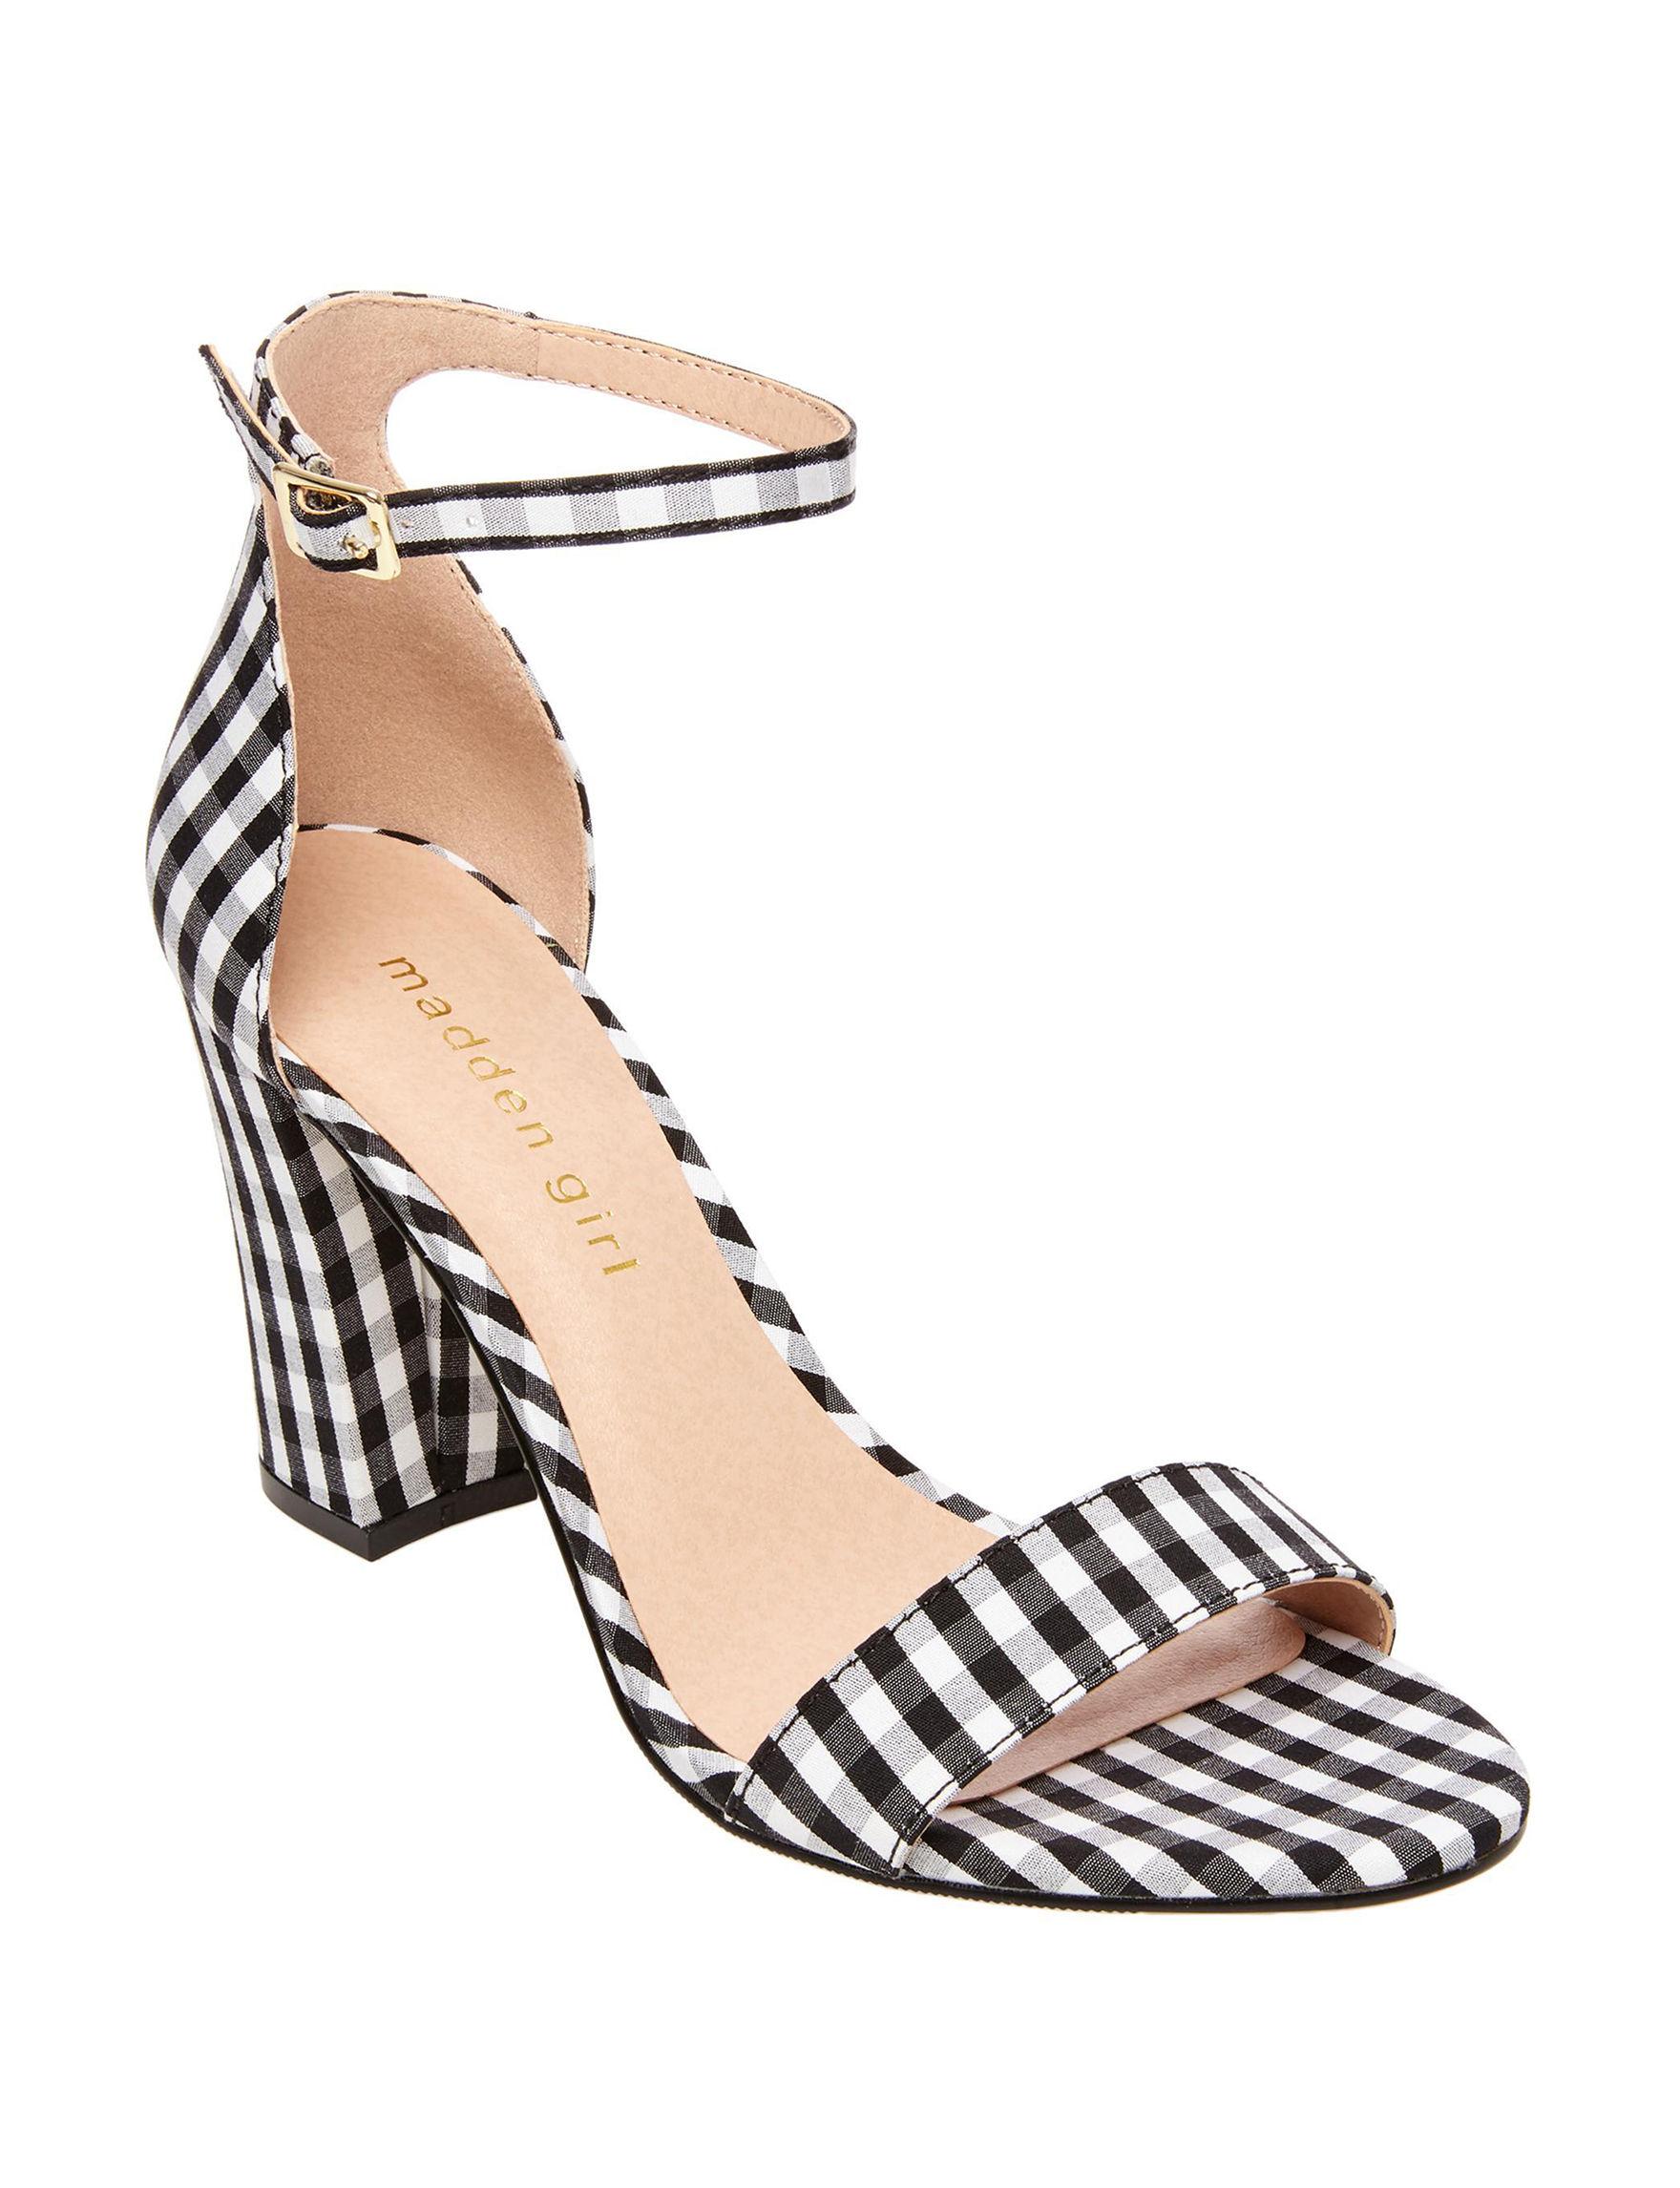 Madden Girl Black /  White Heeled Sandals